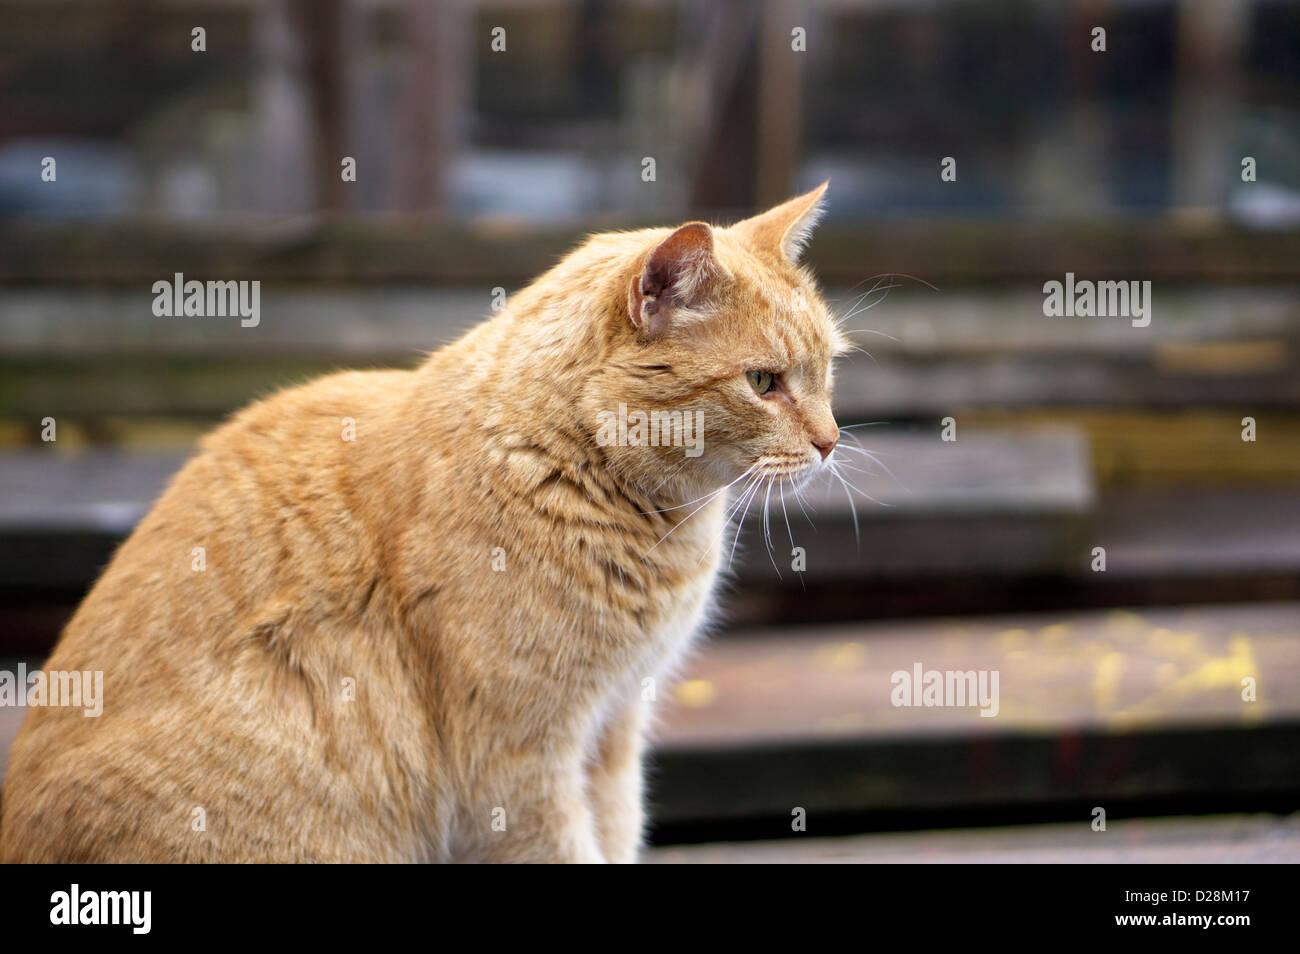 Belle golden tabby cat en mode Prédateur au Gloucester Docks sous un ciel couvert journée d'hiver. Photo Stock